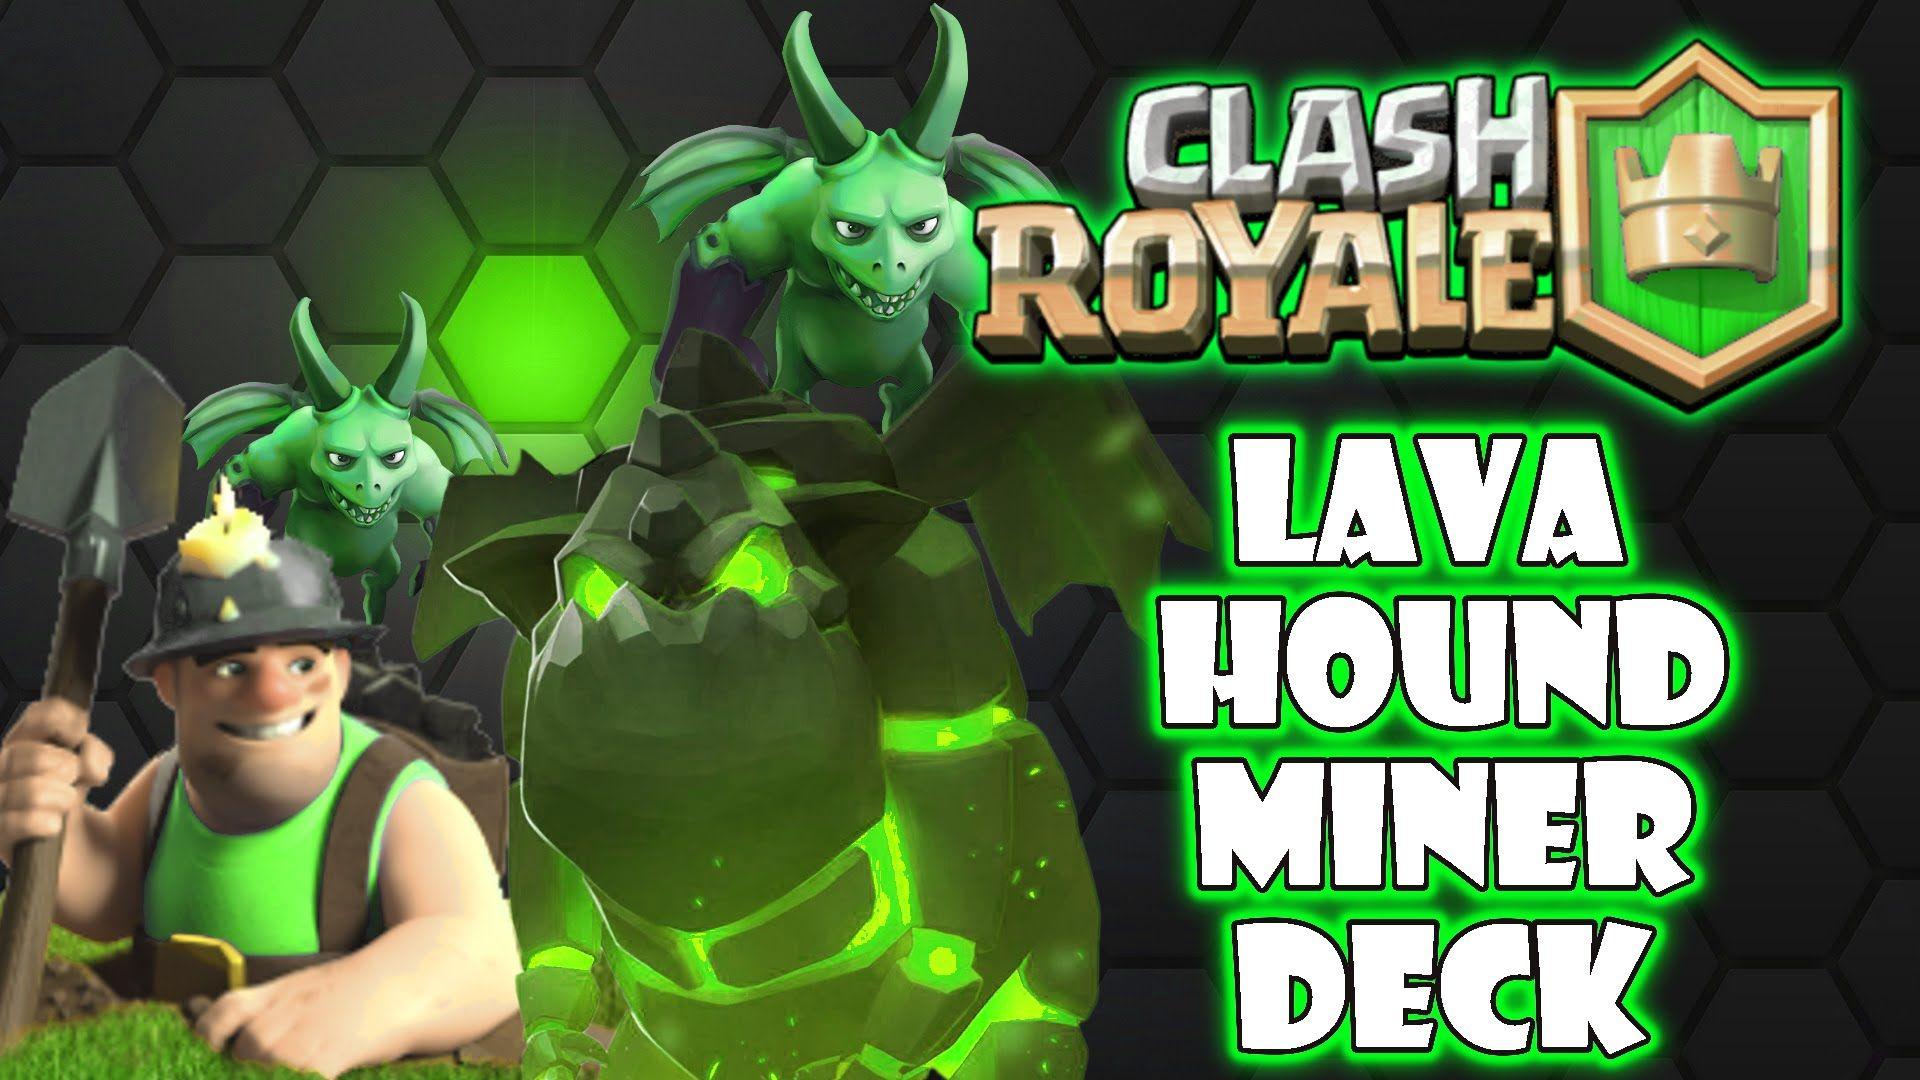 Best Ladder Decks Clash Royale 2020 Best Lava Hound + Miner Combo Deck